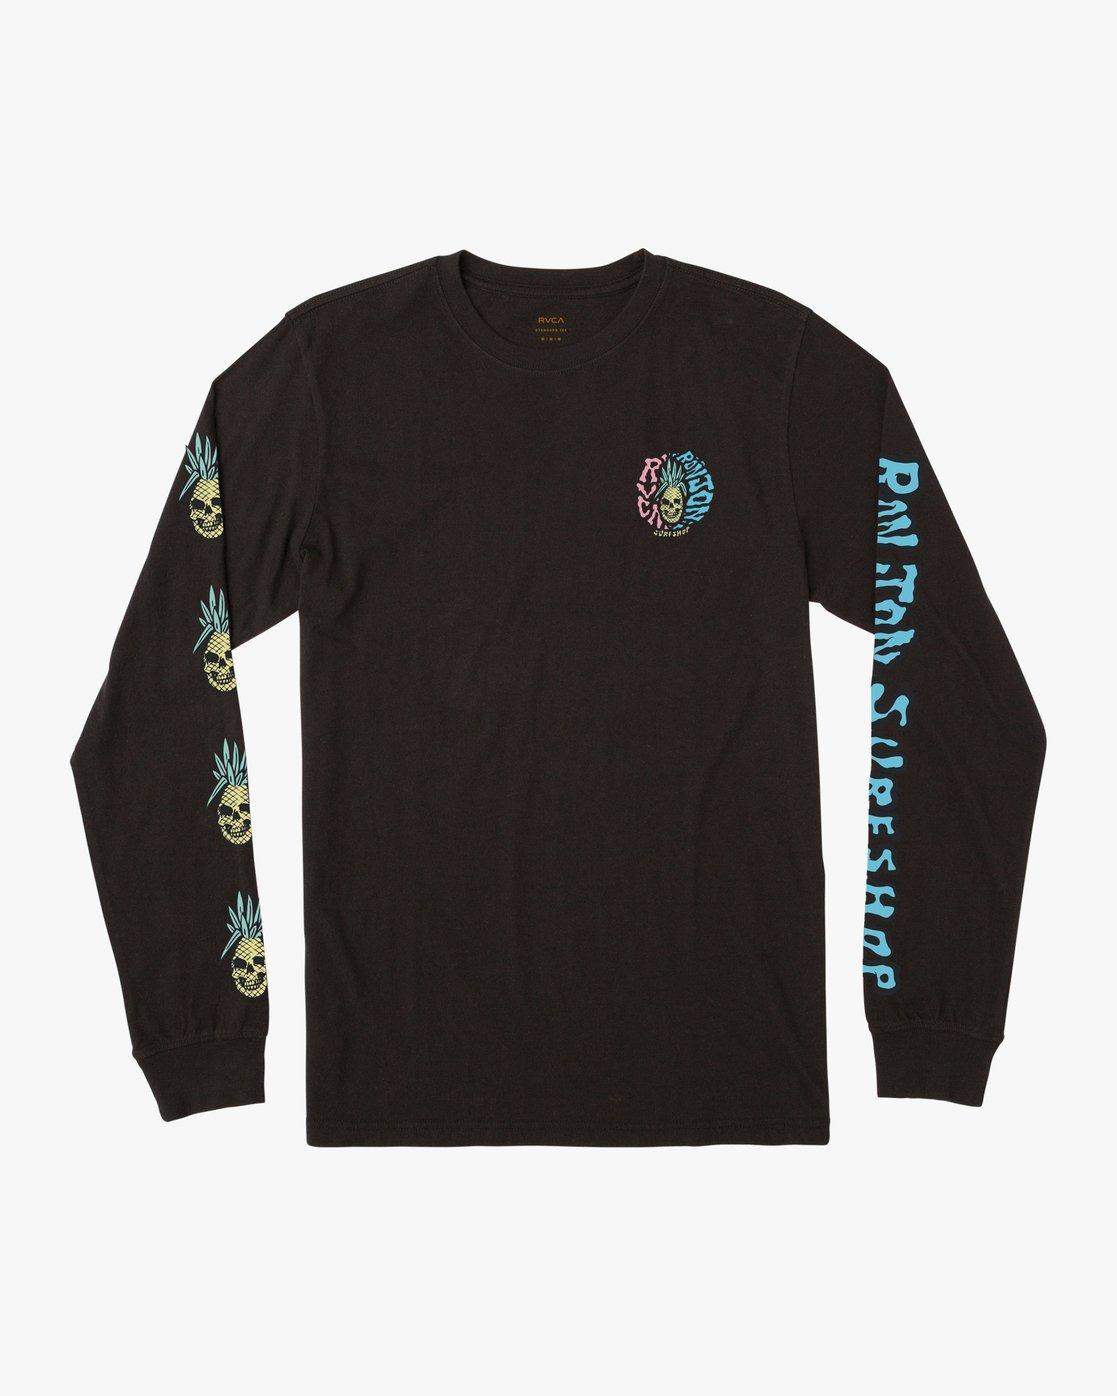 0 Psycho Long Sleeve T-Shirt Black M451PRPF RVCA